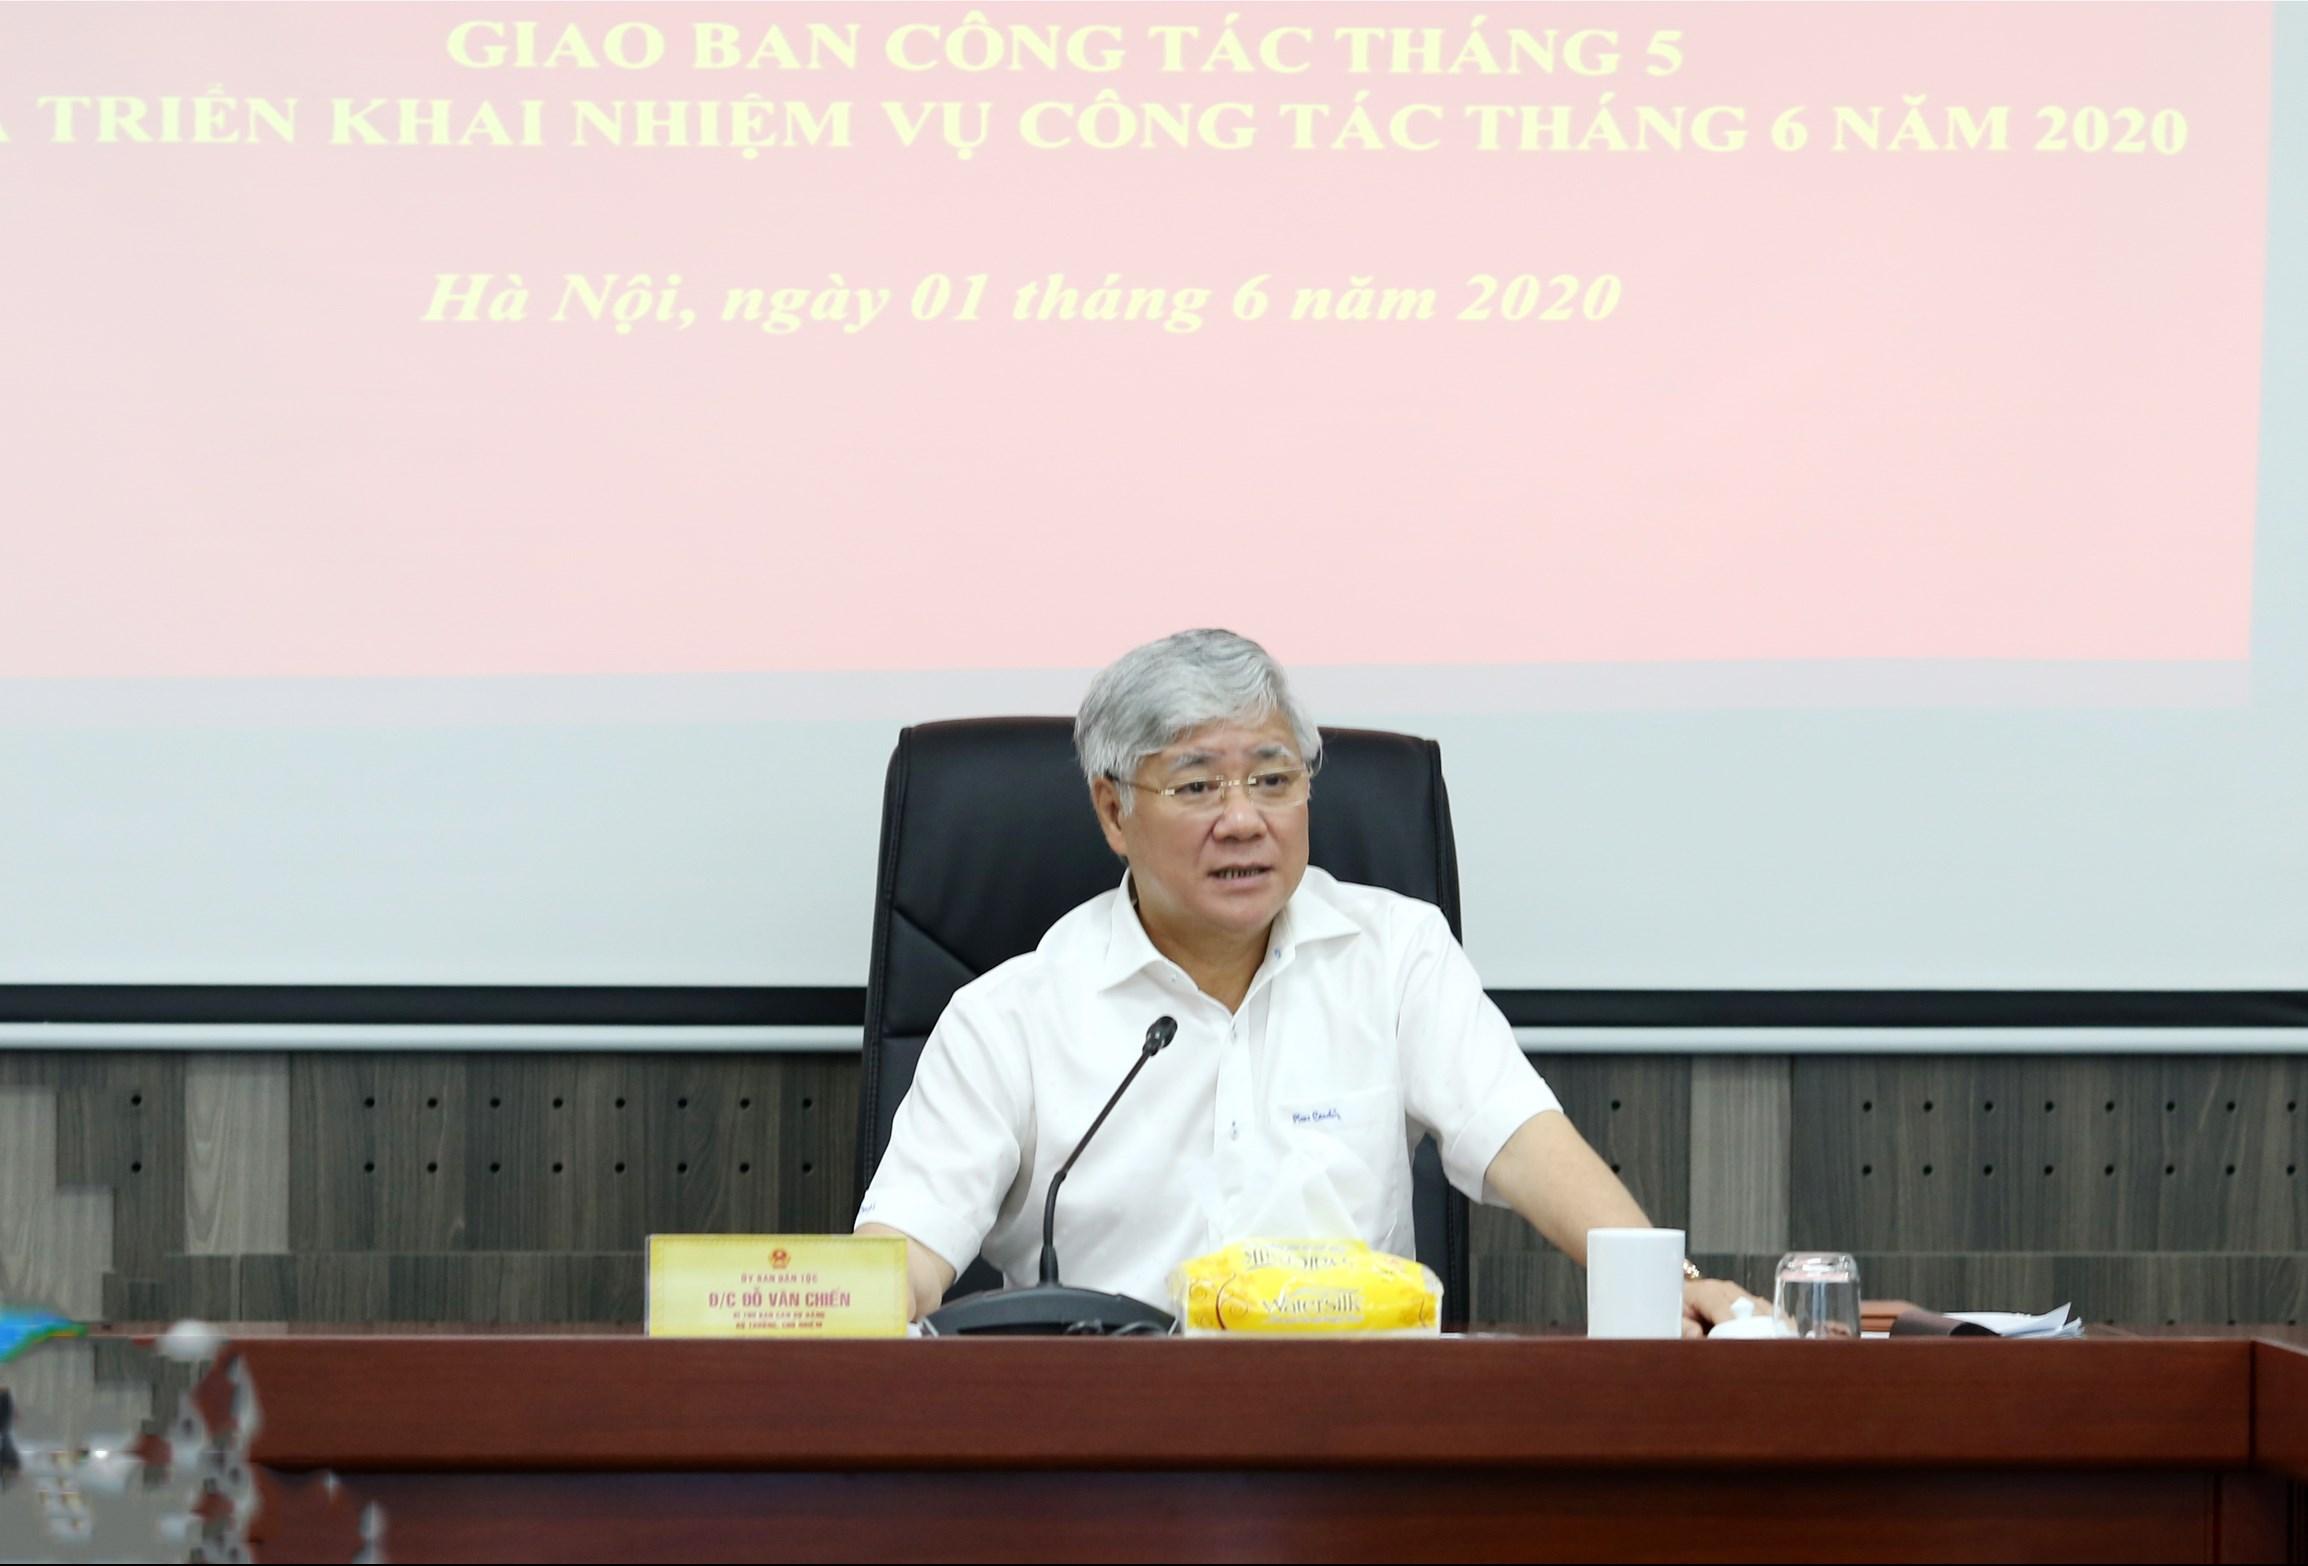 Bộ trưởng, Chủ nhiệm Đỗ Văn Chiến phát biểu chỉ đạo Hội nghị